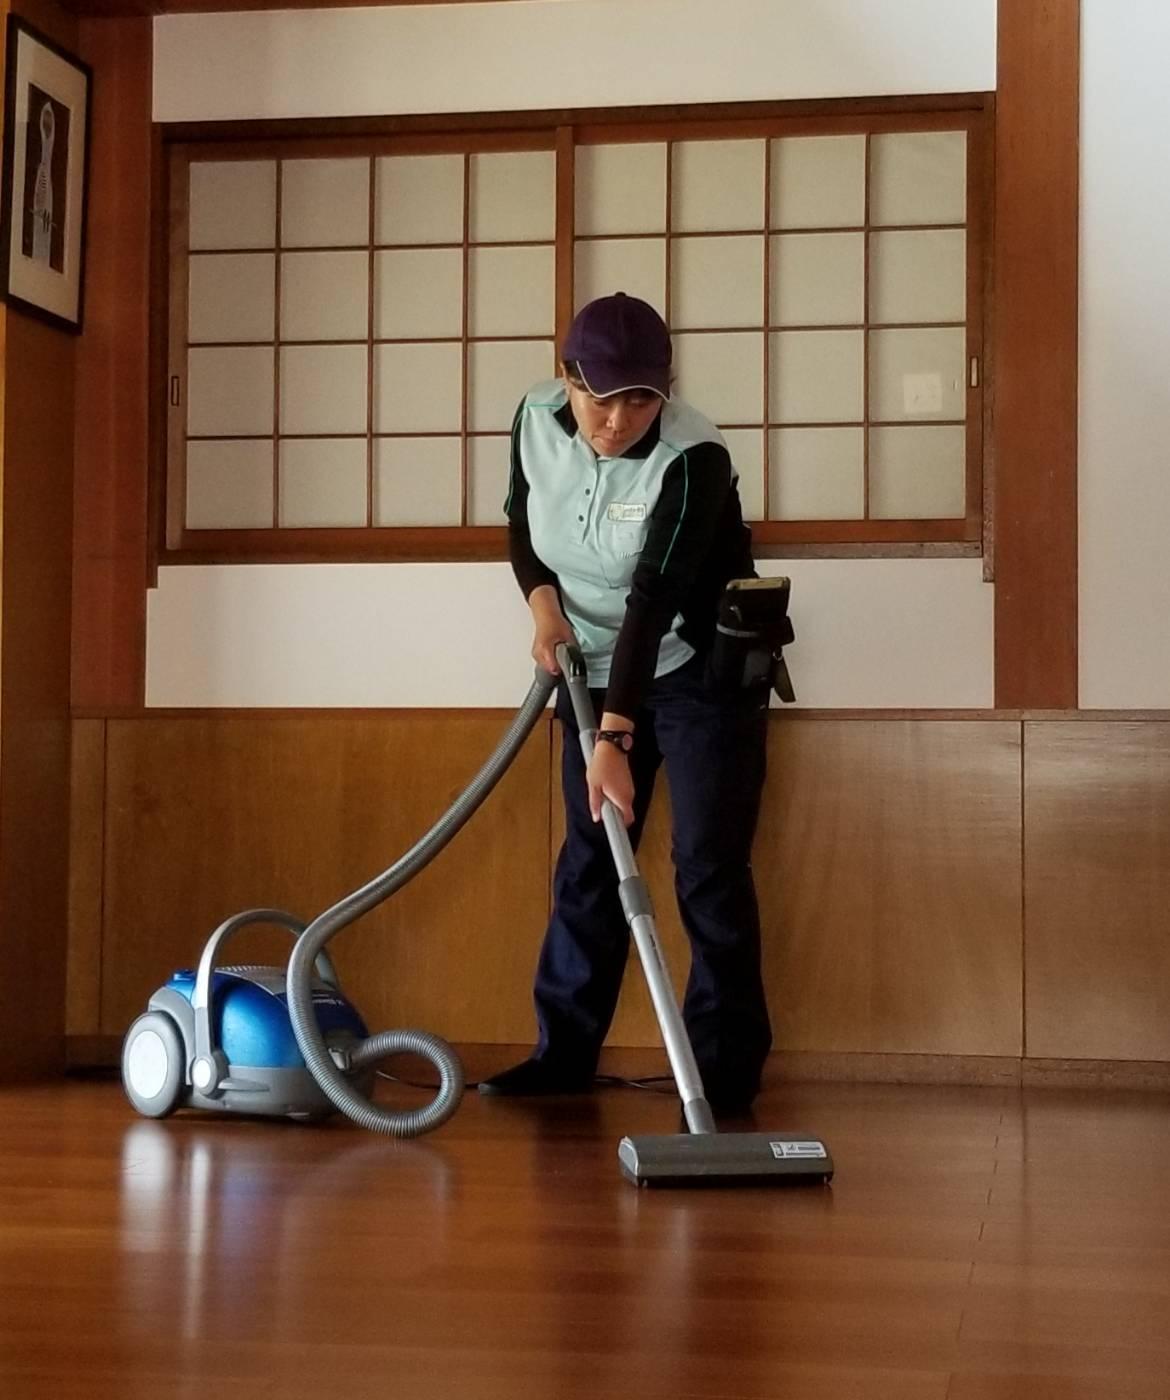 20190419岐阜県多治見市 掃除機がけの後に水拭き 田中さん (3)